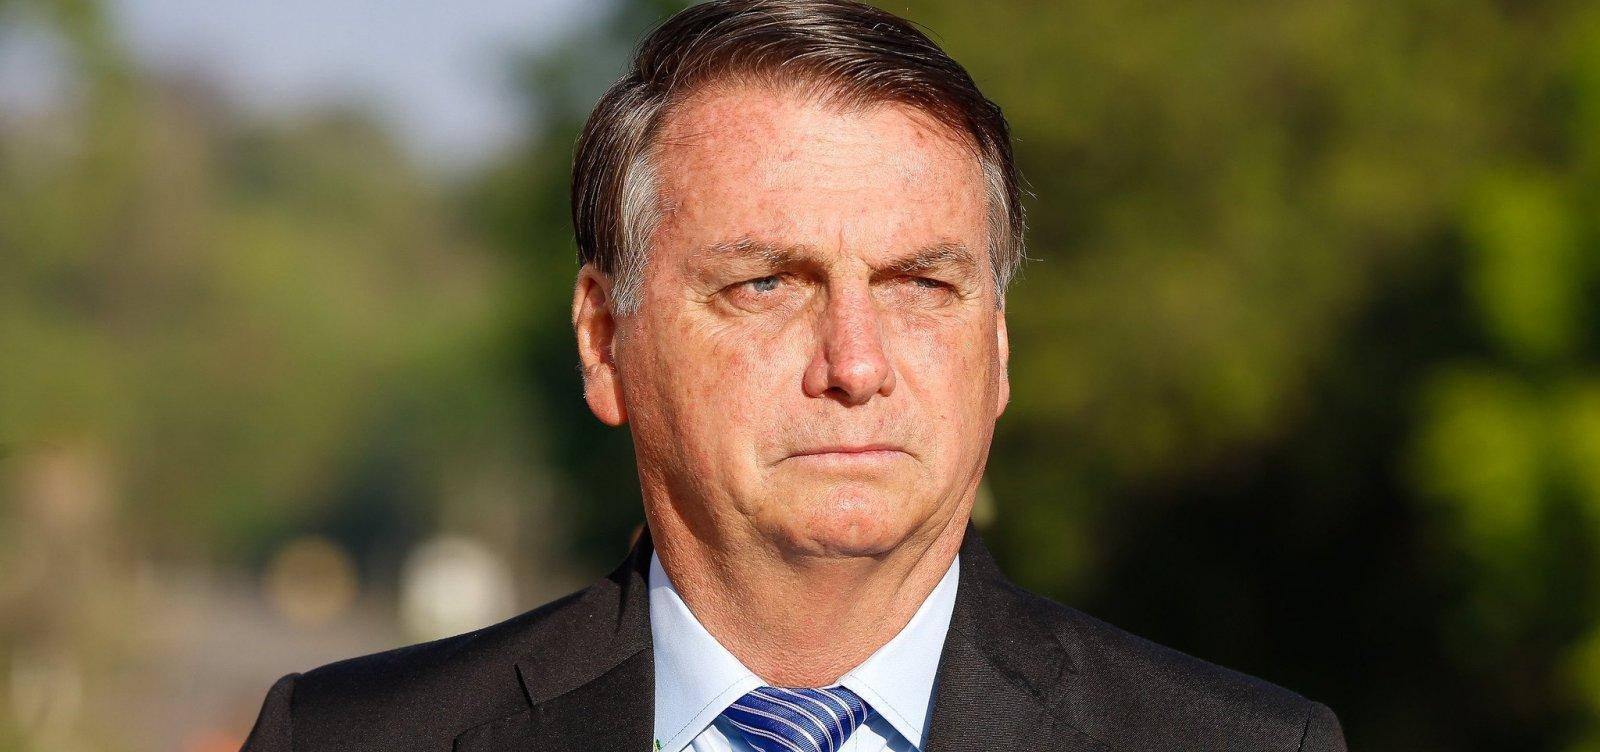 [Após cirurgia, Bolsonaro recebe alta em SP e embarca para Brasília]